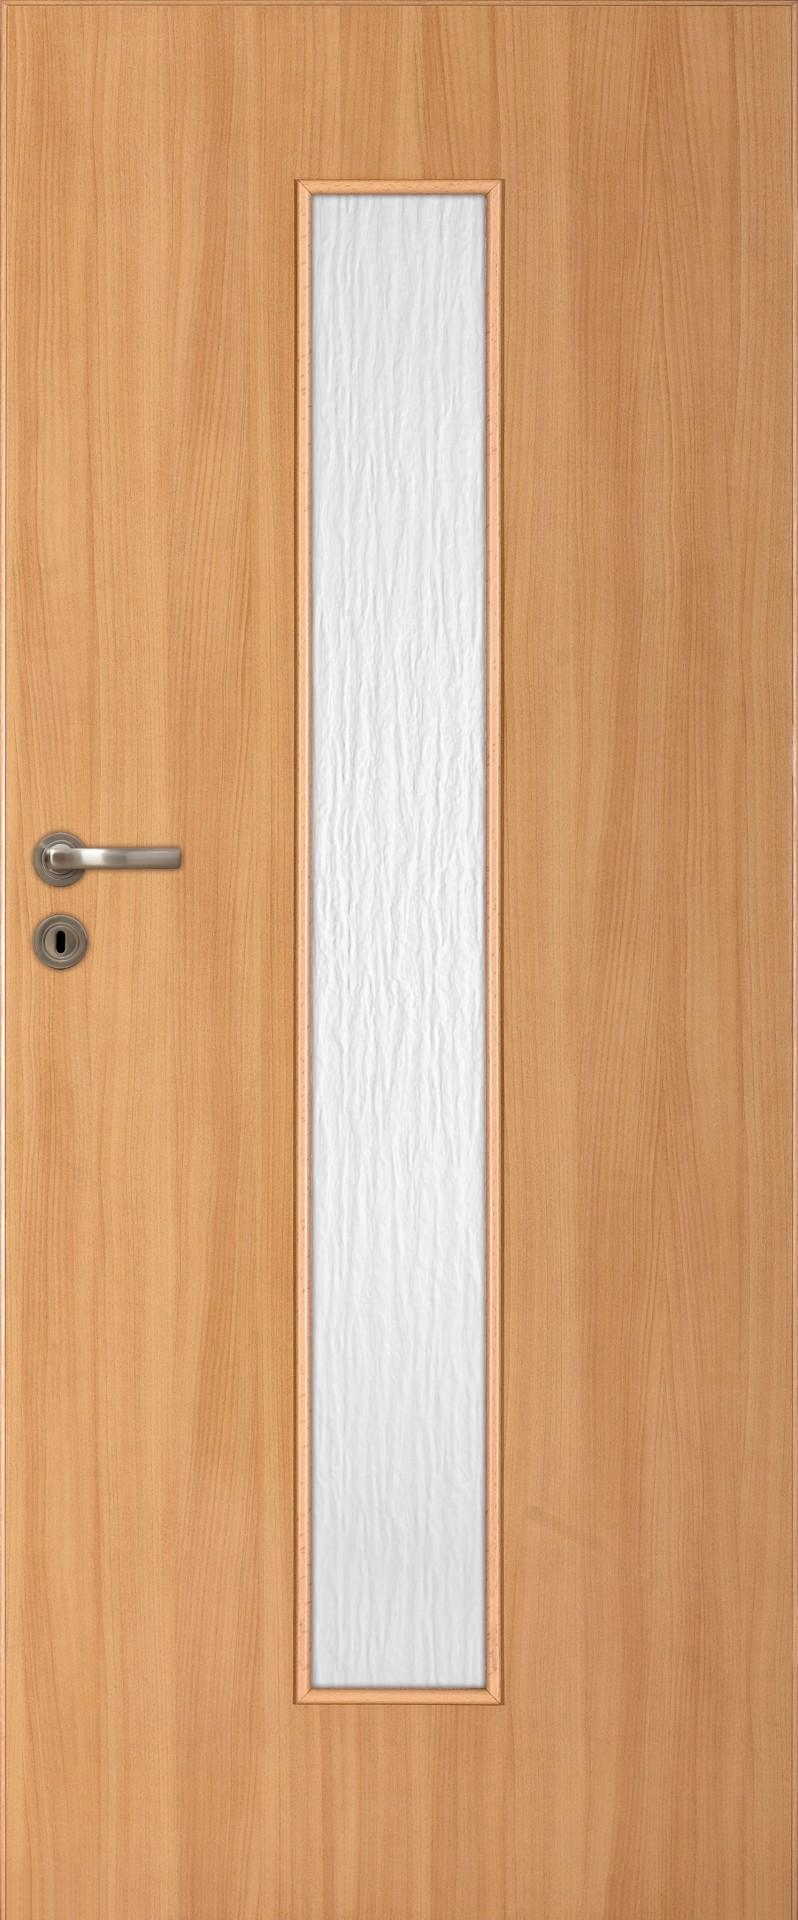 Dre dveře Lack 40, Šíře v cm 60